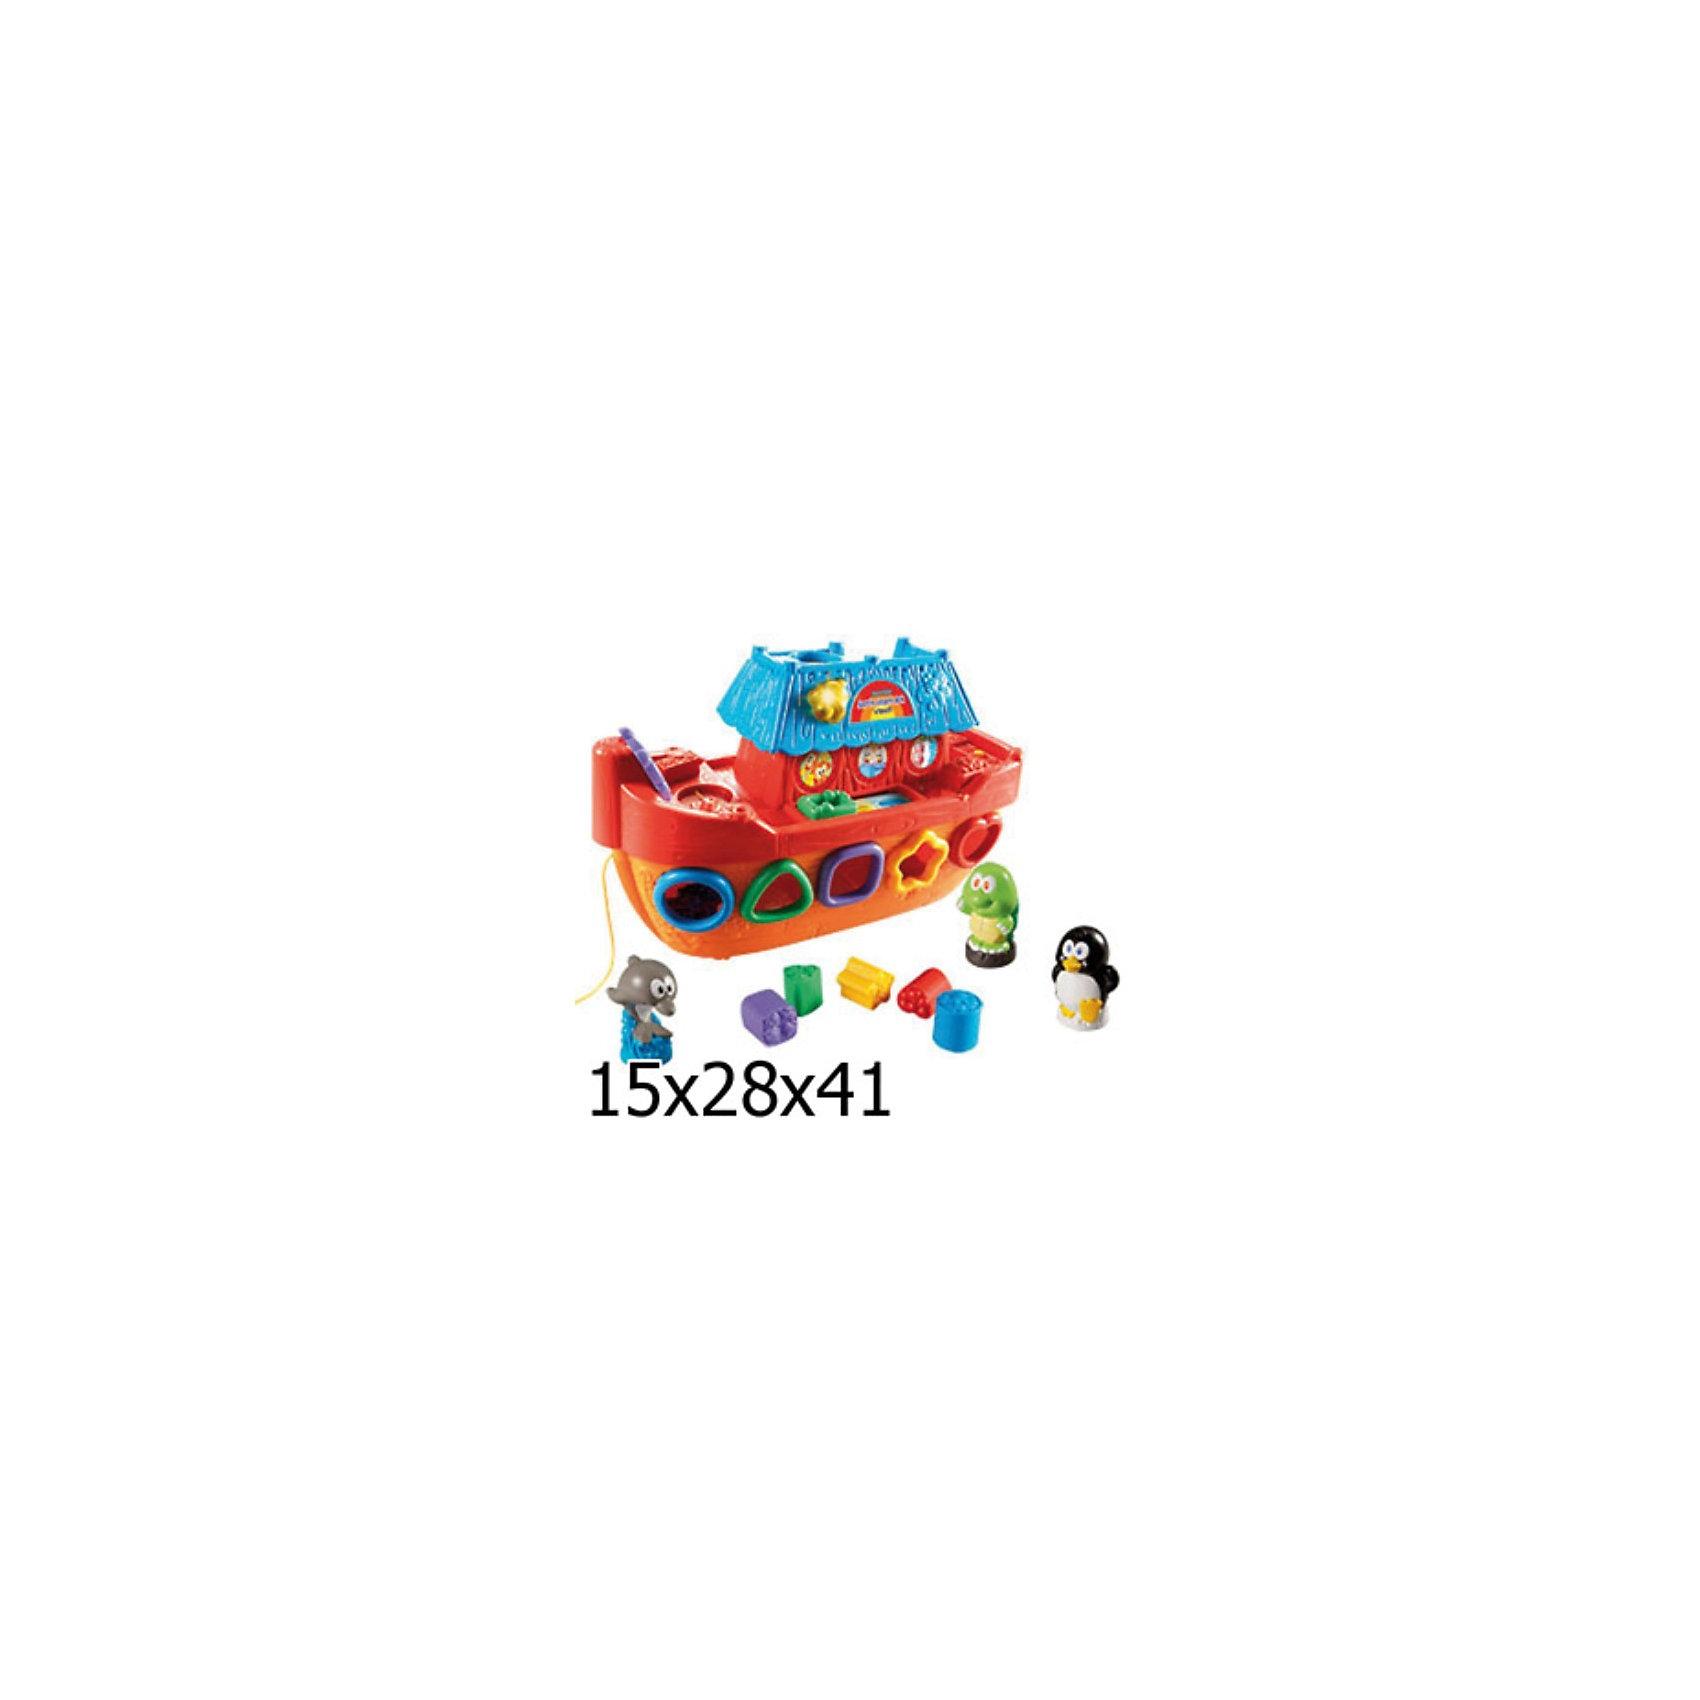 Обучающий корабль, VtechСортеры<br>Обучающий корабль, Vtech (Втеч).<br><br>Характеристики:<br><br>• Для детей от 1 года<br>• Комплектация: корабль, 4 фигурки животных, 5 фигурок для сортера<br>• Обучение: учим животных и их звуки, цвета, фигуры<br>• Особенности: 2 режима (учеба, игра), сортер, сенсорная платформа, светящийся колокольчик, вращающийся штурвал, регулятор громкости, таймер автоматического отключения<br>• Песня из мультфильма «Мама для мамонтенка»<br>• Размер корабля: 13,5x32x21 см.<br>• Материал: пластик<br>• Батарейки: 2хAA (в комплекте демонстрационные)<br>• Упаковка: красочная подарочная коробка<br>• Размер упаковки: 40,6x27,9x14,8 см.<br><br>Добро пожаловать на борт обучающего корабля! Красочный яркий корабль с фигурками животных сразу привлечет внимание малыша и отправит его в увлекательное и познавательное морское путешествие. В комплекте с кораблем ребенок найдет 4 фигурки животных, а также 5 фигурок для сортера. Сортируя цветные фигурки и проталкивая их в отверстия, малыш научится распознавать цвета и геометрические фигуры. <br><br>Достать фигурки можно открыв дверцу с обратной стороны корабля. Если поставить фигурку животного на специальную платформу, то кораблик расскажет ребенку о том, как называется это животное, его особенности и звуки. Когда малыш немного подрастет, он сможет катать игрушку за веревочку. Игрушка изготовлена из прочного безопасного не бьющегося пластика. Продается в красочной коробке и идеально подходит в качестве подарка.<br><br>Обучающий корабль, Vtech (Втеч) можно купить в нашем интернет-магазине.<br><br>Ширина мм: 150<br>Глубина мм: 410<br>Высота мм: 280<br>Вес г: 1800<br>Возраст от месяцев: 12<br>Возраст до месяцев: 48<br>Пол: Унисекс<br>Возраст: Детский<br>SKU: 2149255